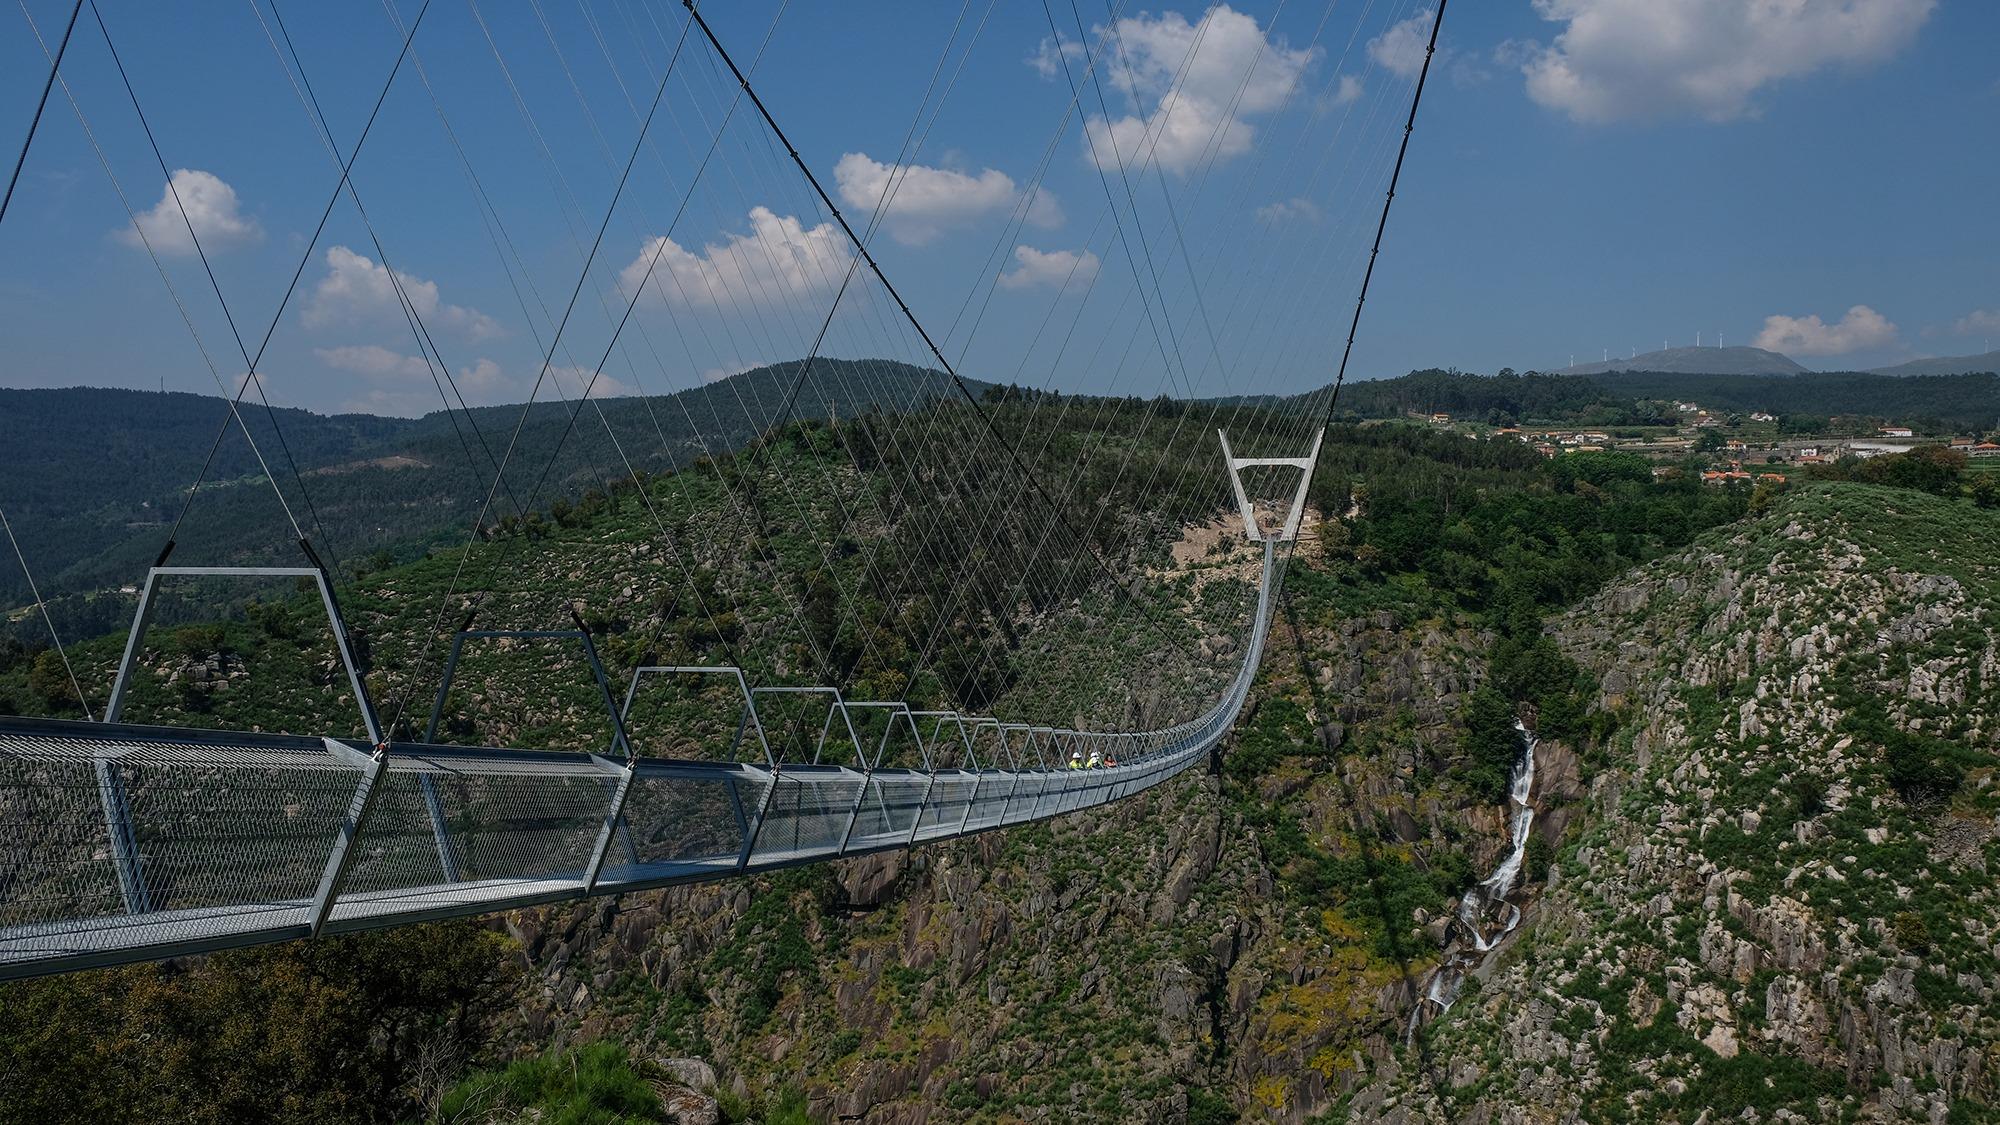 516 Arouca. El puente colgante más alto del mundo, a punto de abrir en el norte de Portugal 1